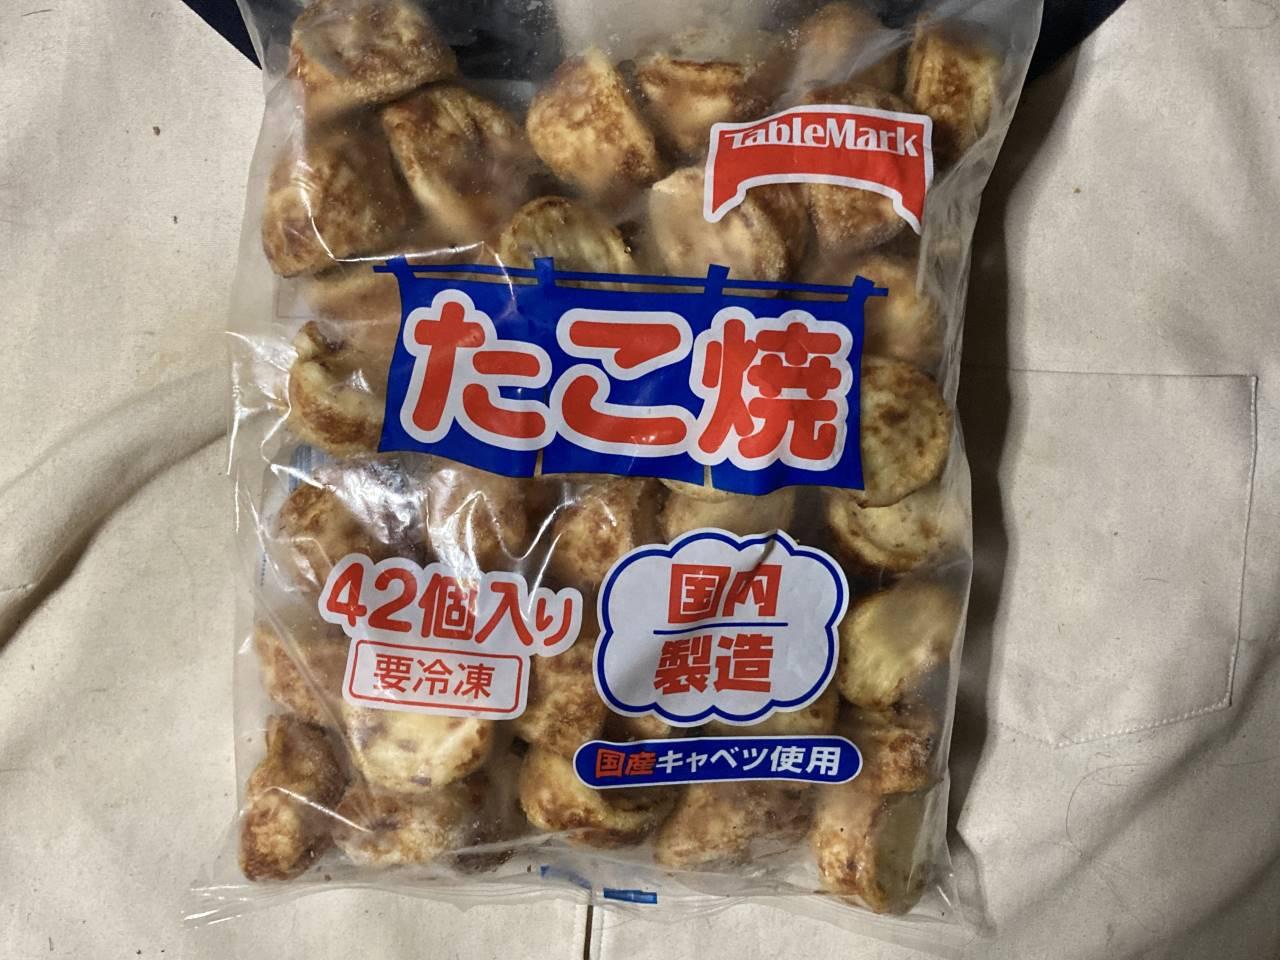 冷凍たこ焼き42個入り テーブルマーク株式会社